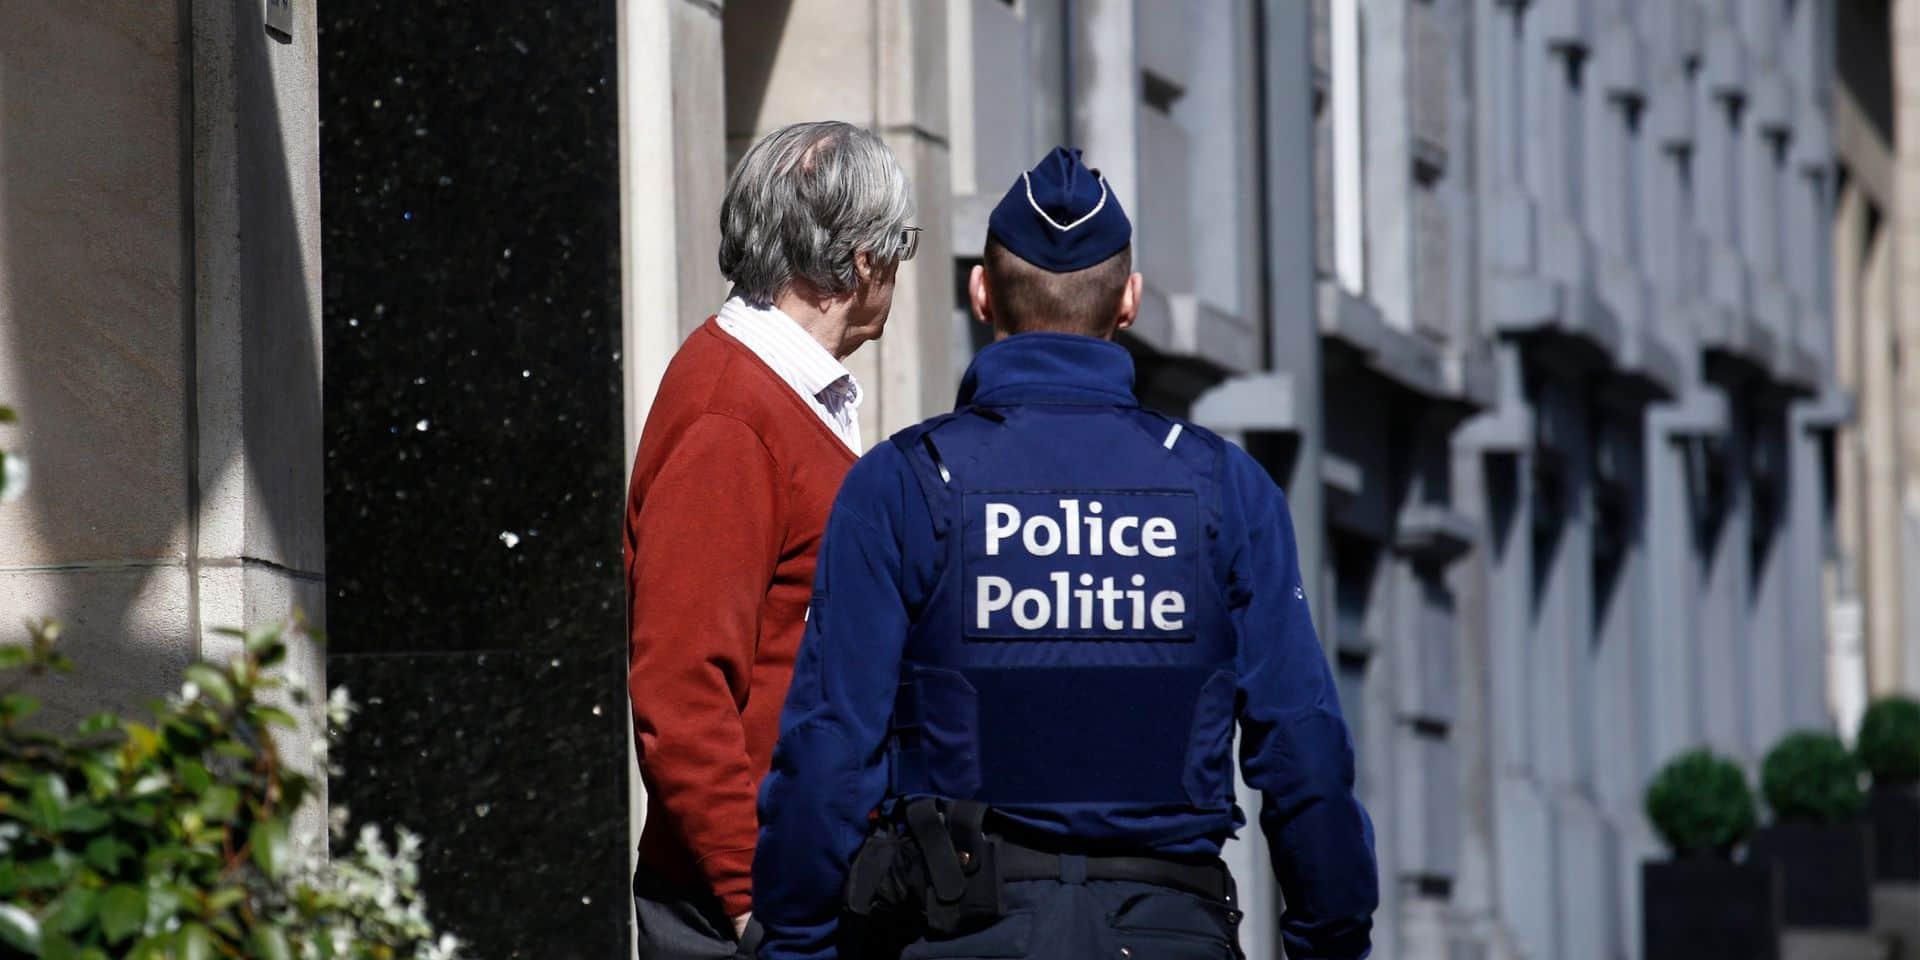 La police prend sur le fait 28 fêtards à Alost après une photo postée sur Facebook